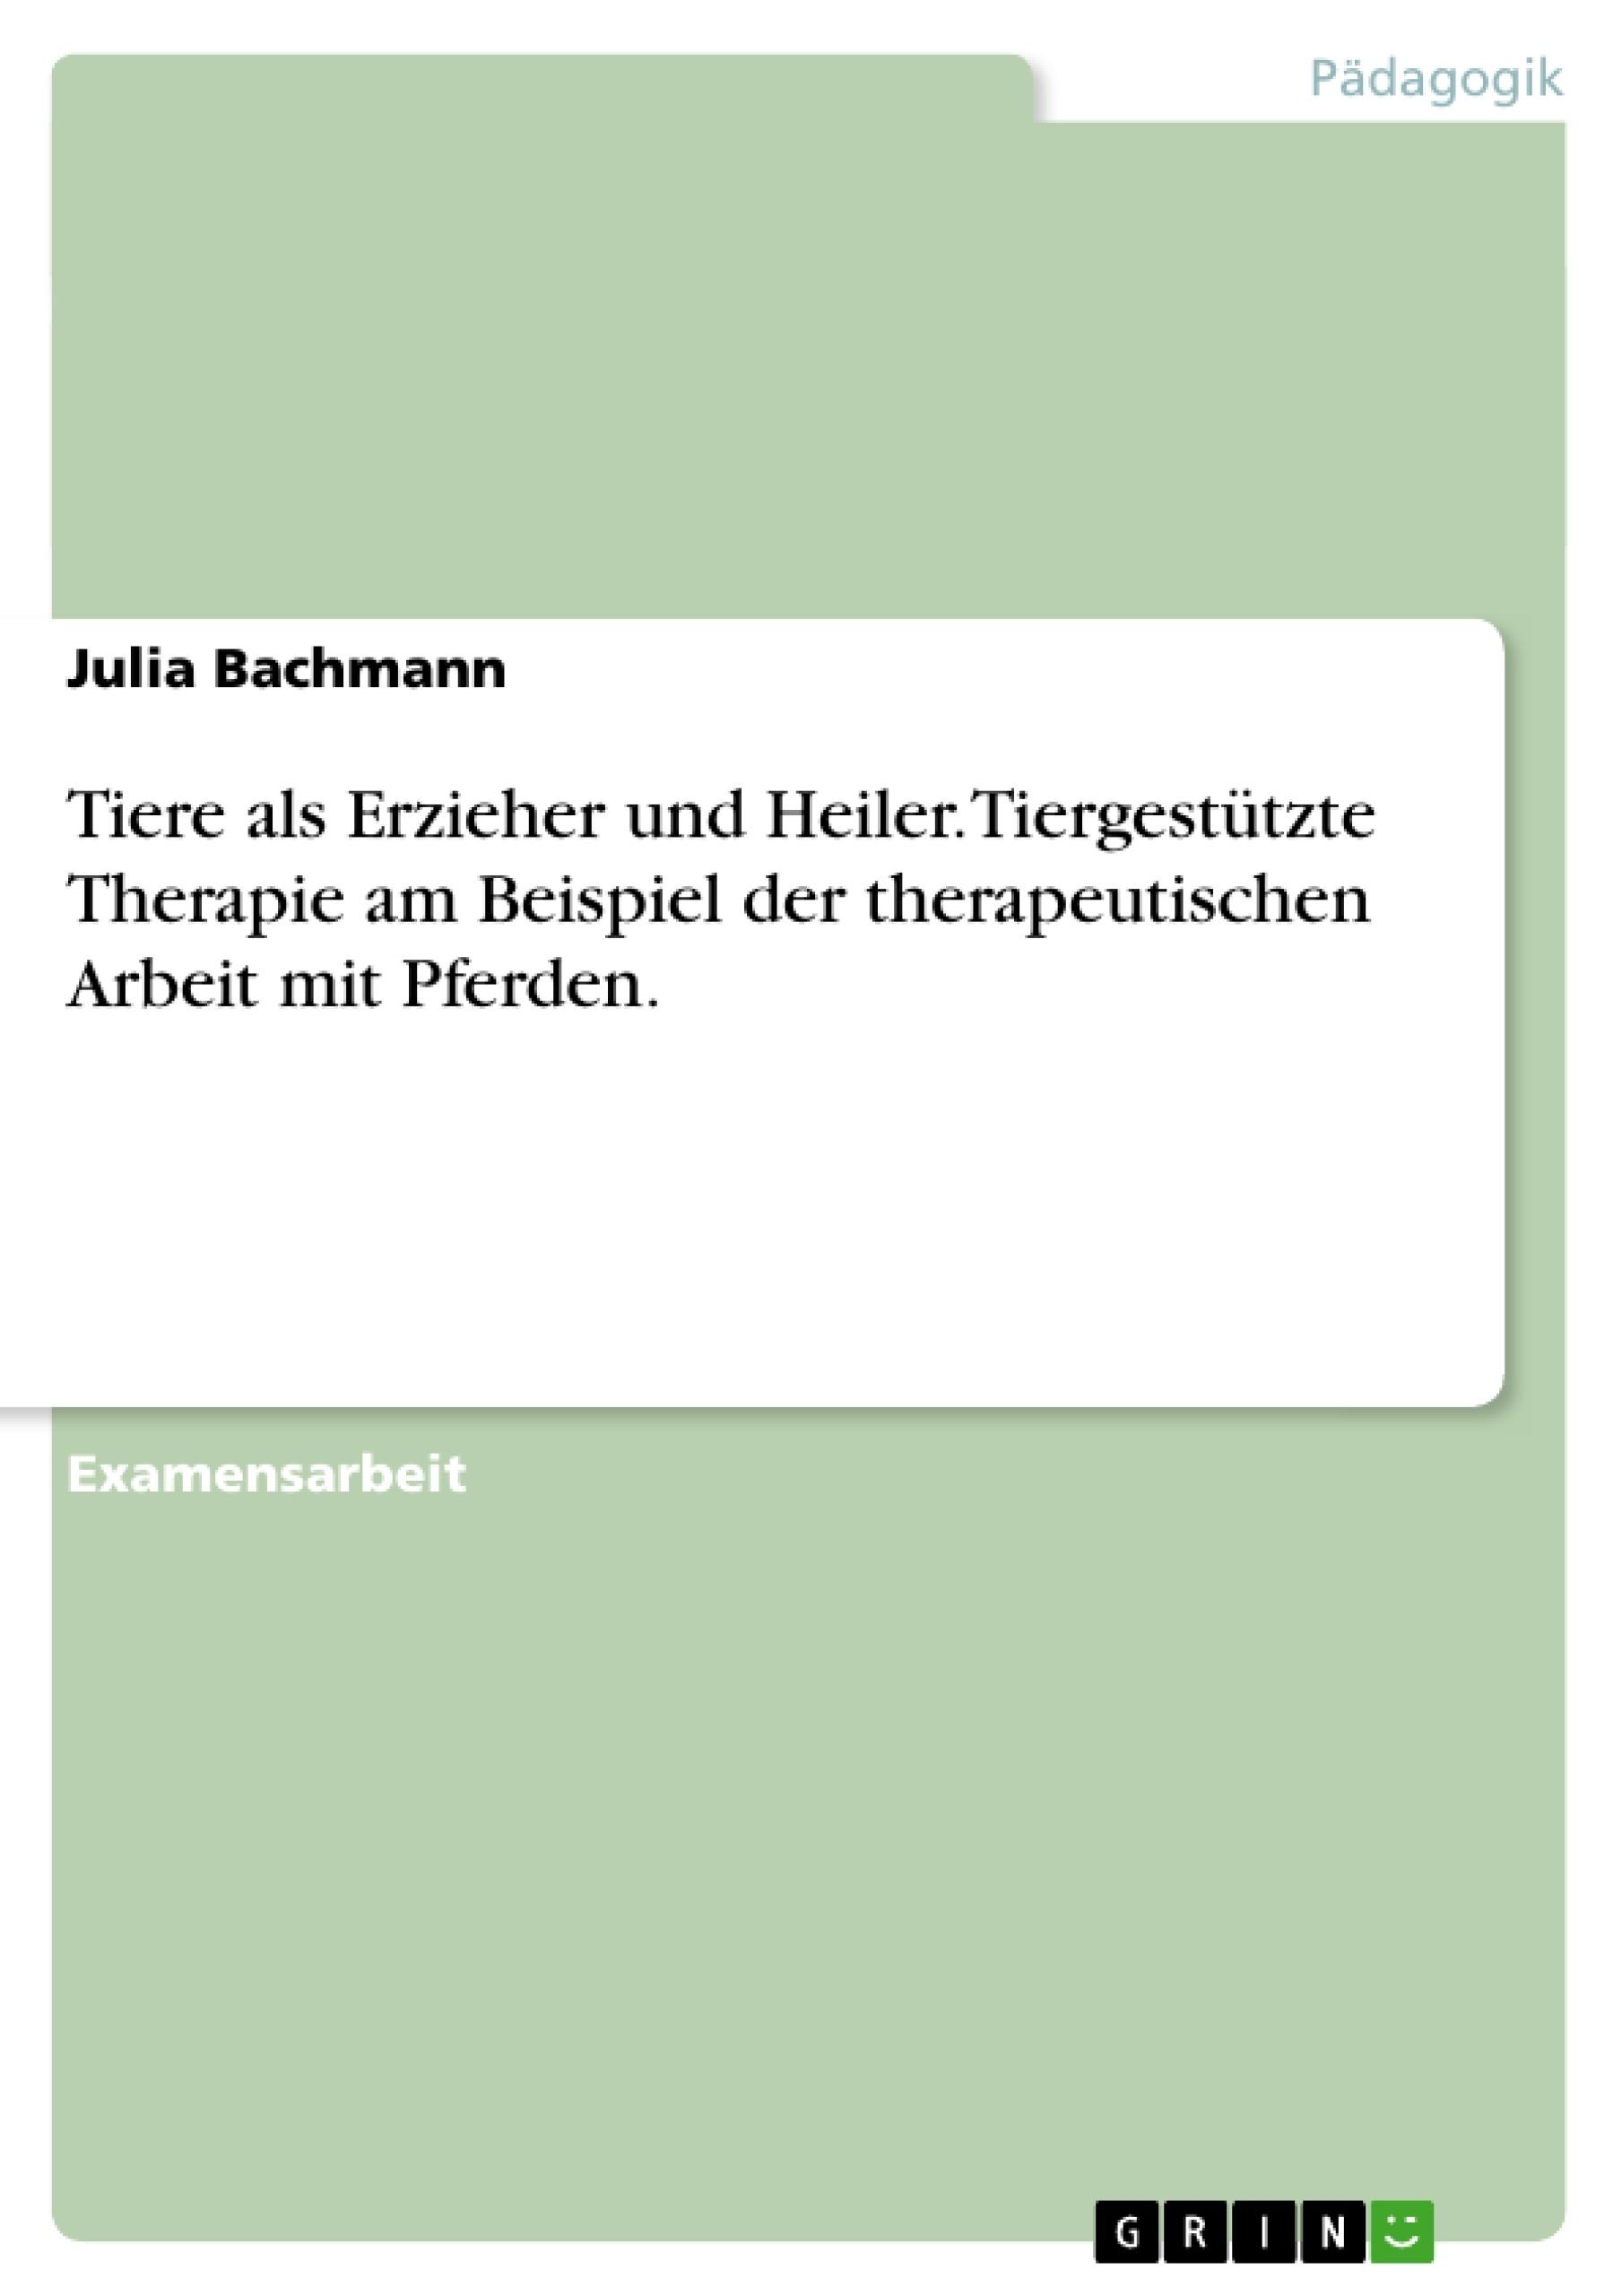 Titel: Tiere als Erzieher und Heiler. Tiergestützte Therapie am Beispiel der therapeutischen Arbeit mit Pferden.